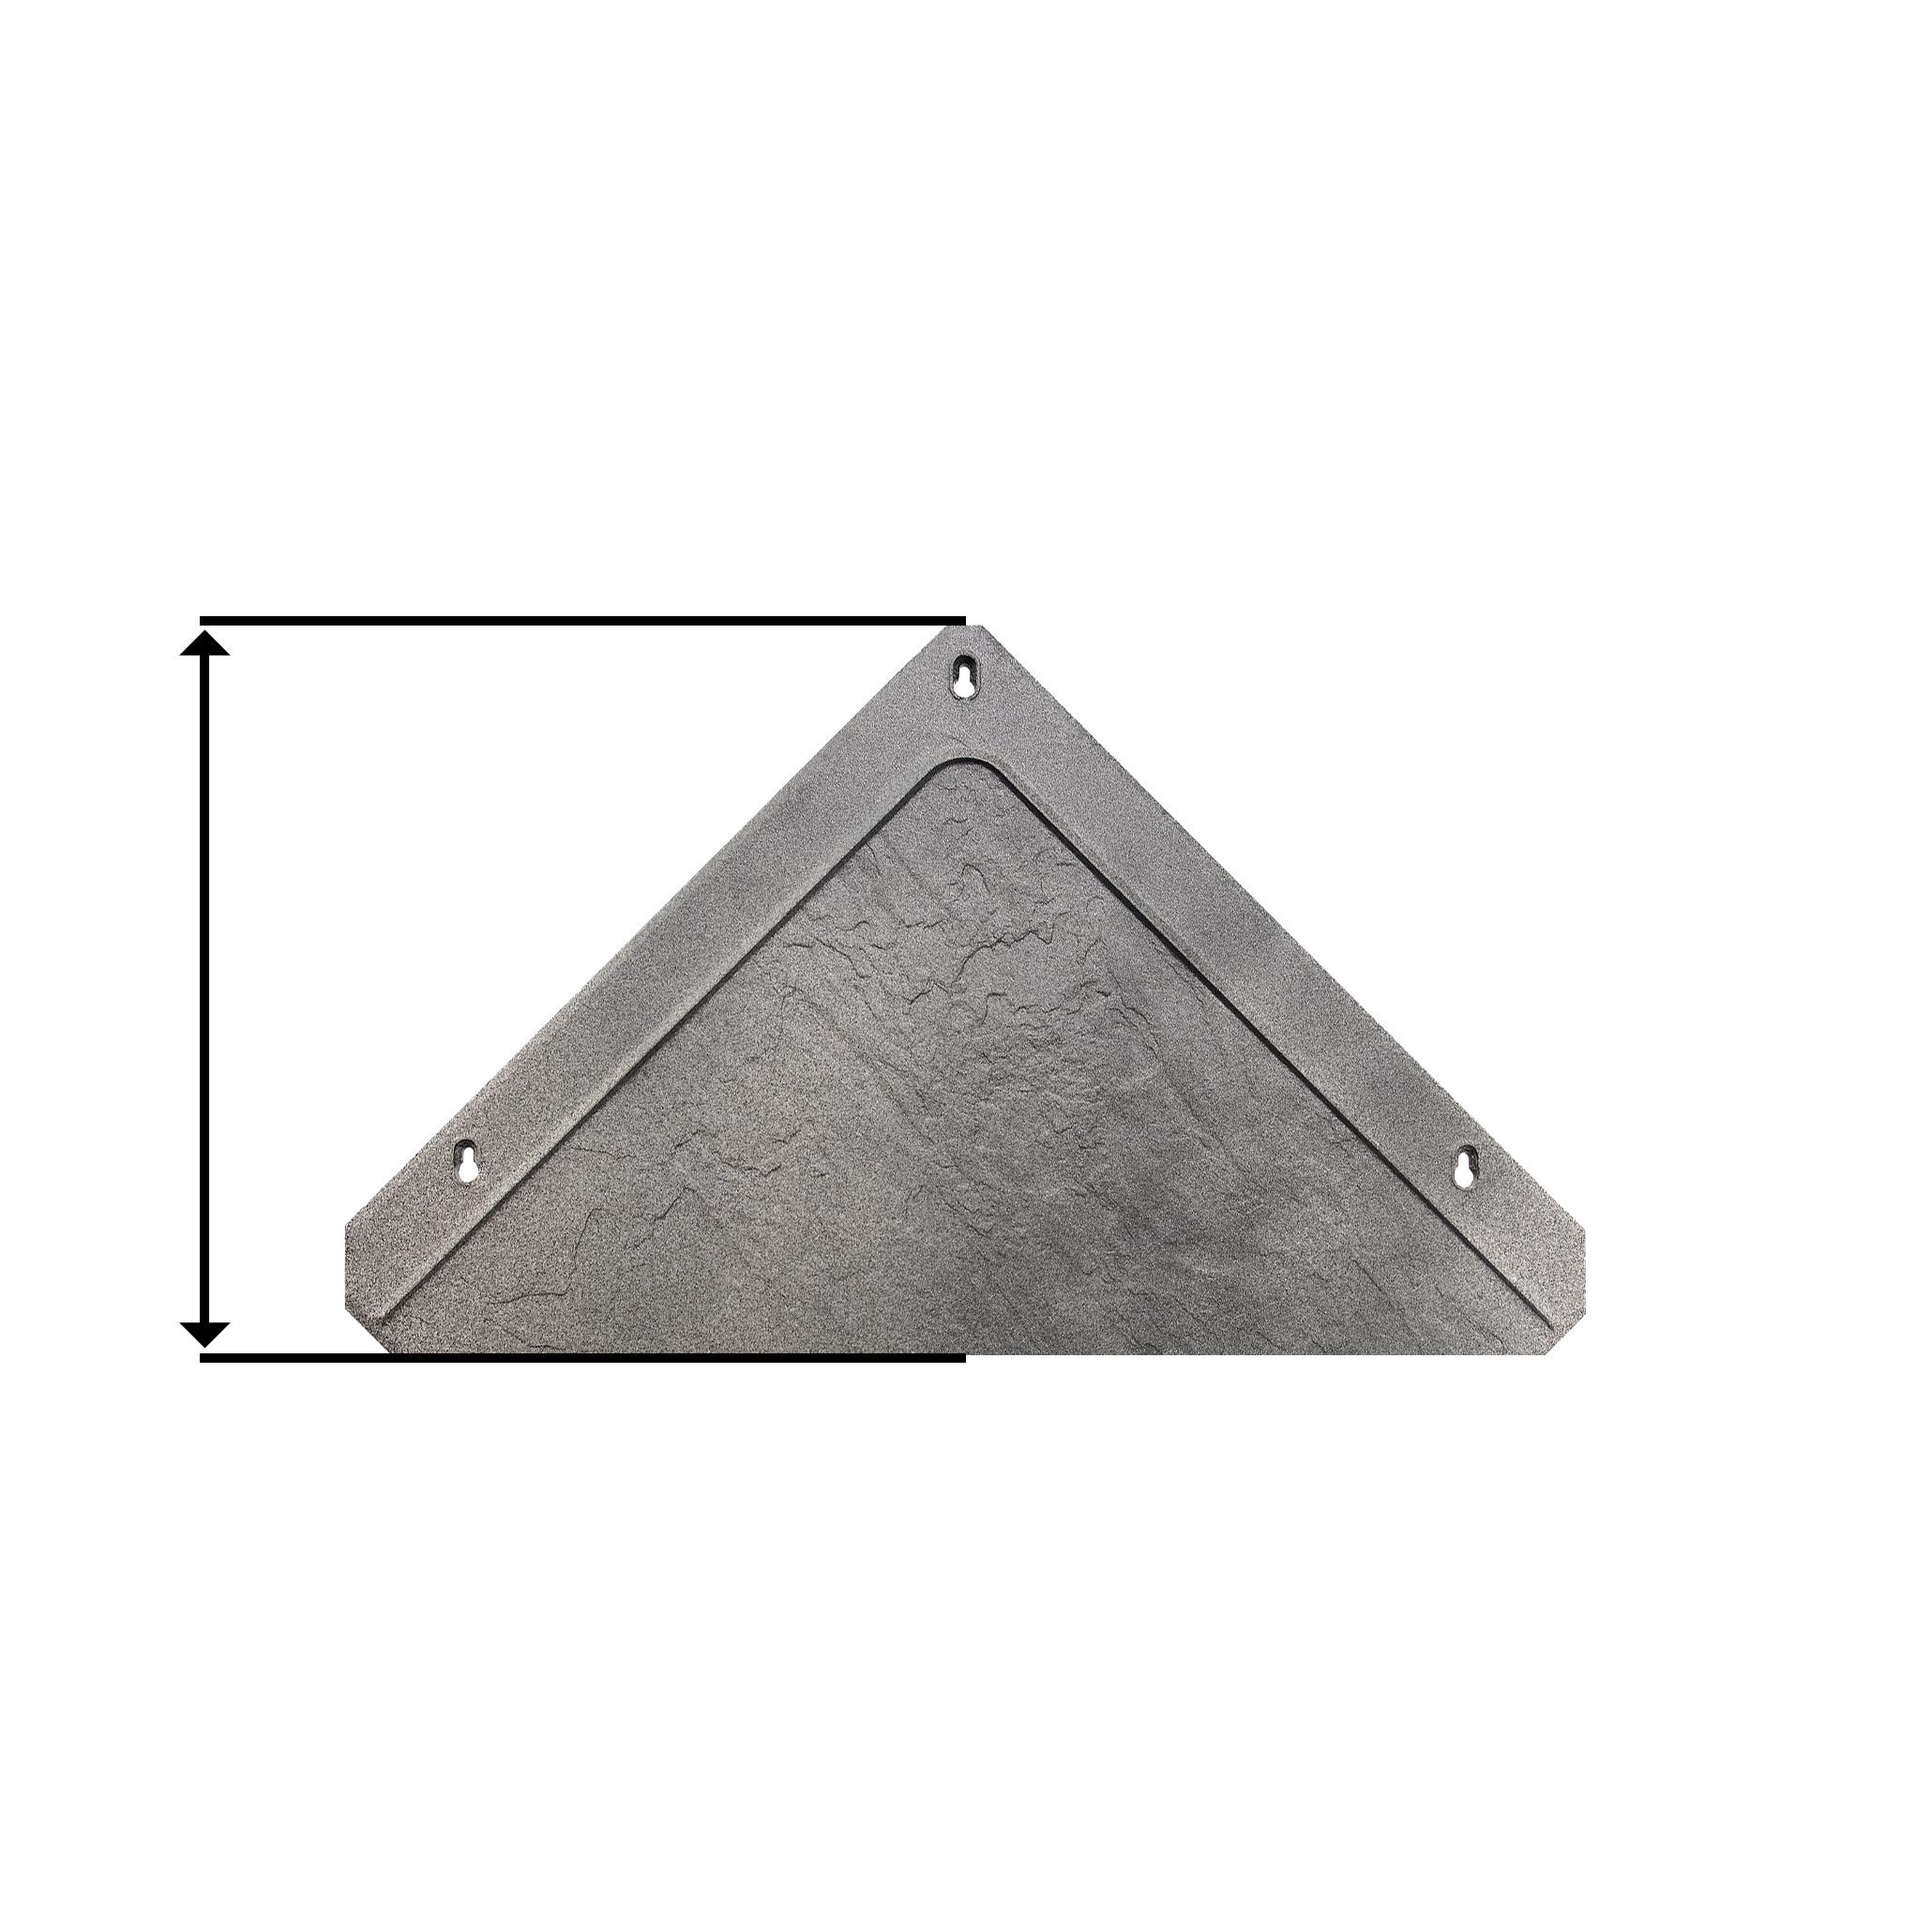 KUTTING - ・Takflisene kuttes med egnet fliskutter・Mot takrenne bør kappet være ca 30,5 cm・Fres et spor i flisen om du kapper bort skruhullet